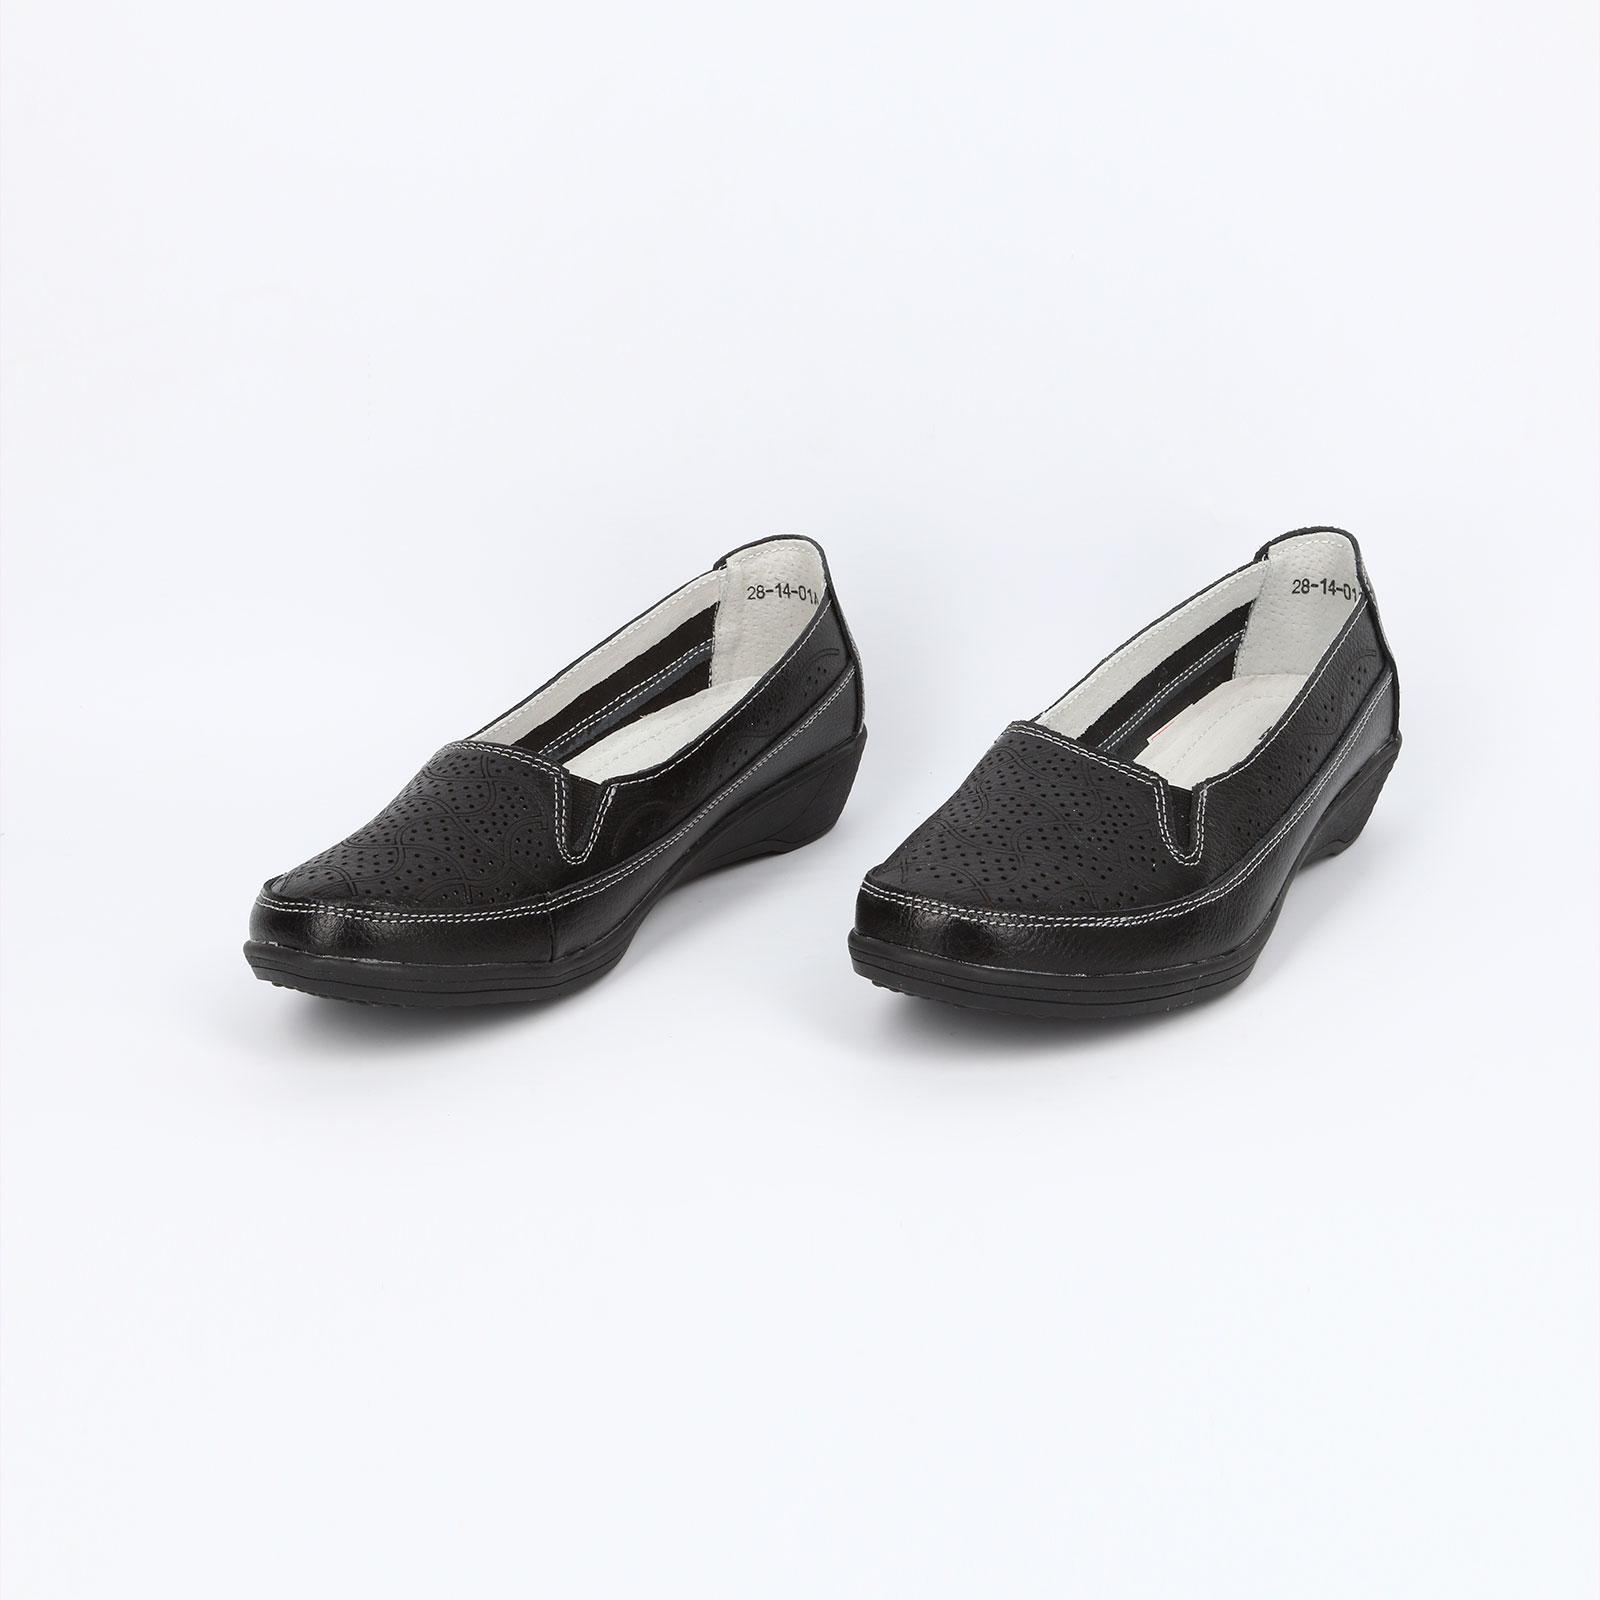 Летние женские туфли с эластичными вставками